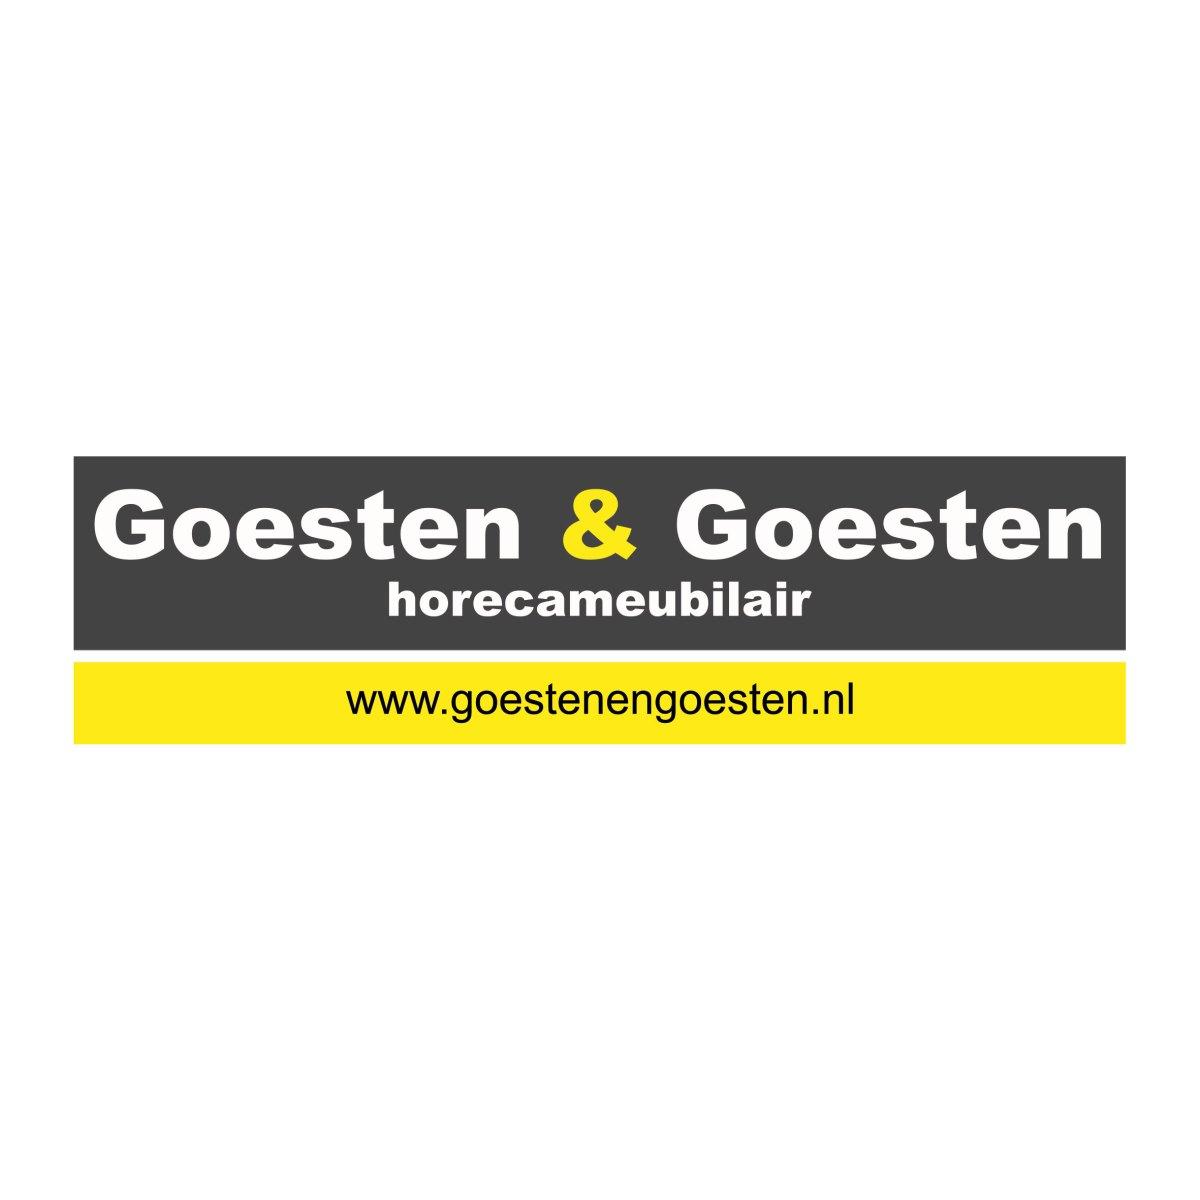 Goesten & Goesten - Sponsor - GTV Ammerzoden